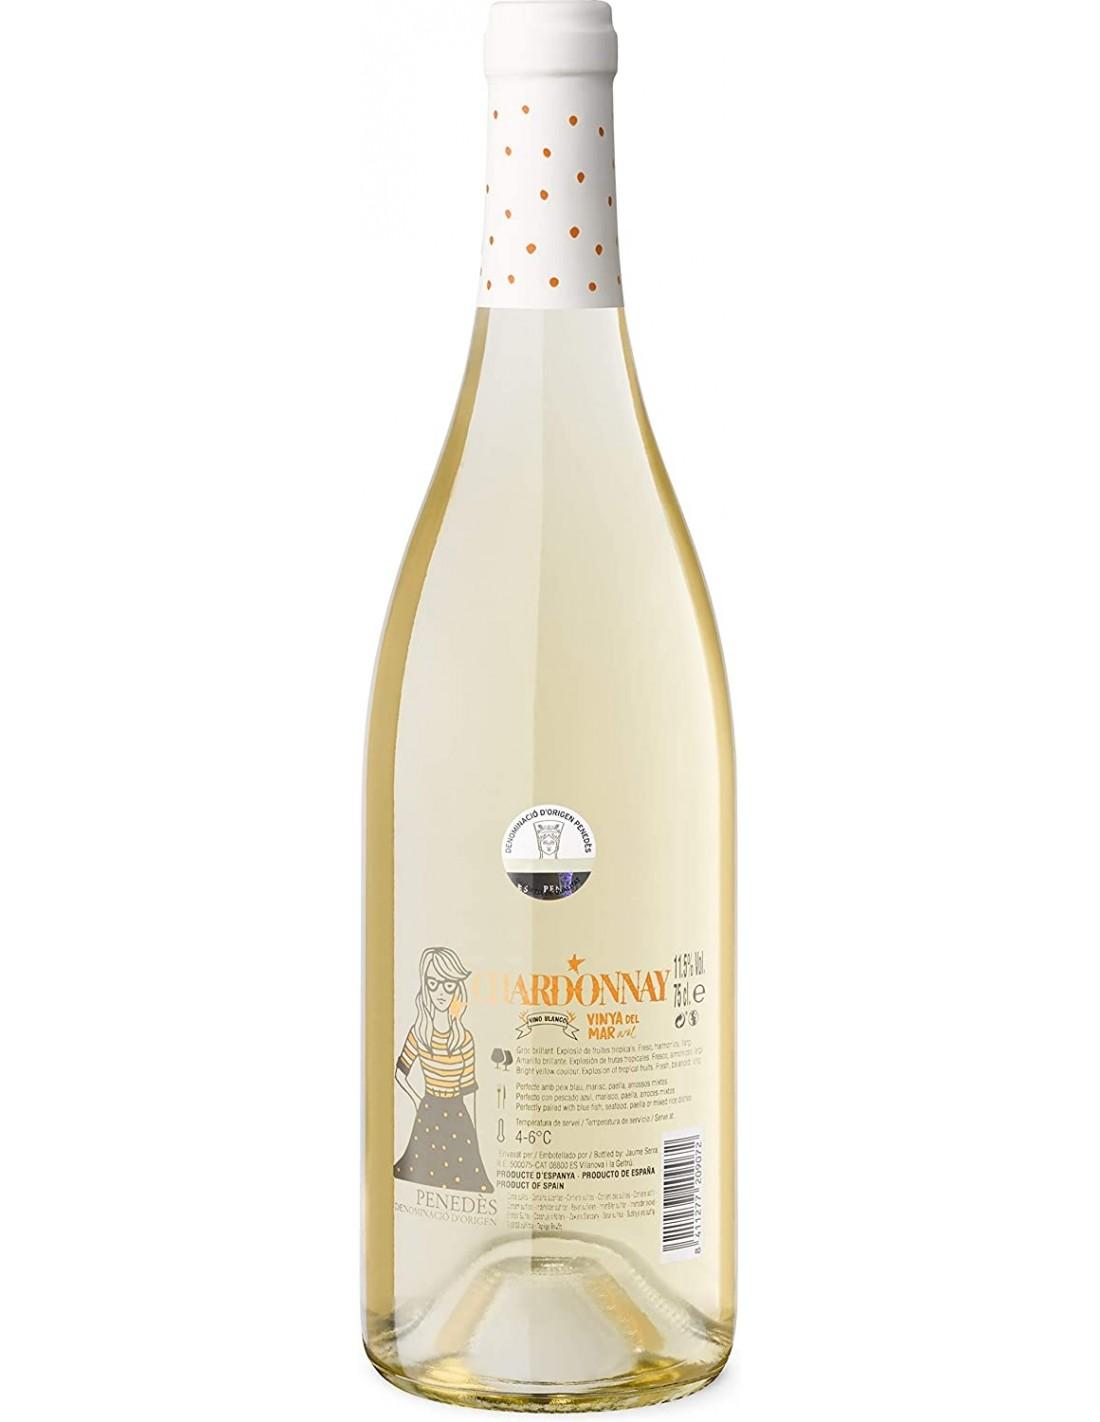 Vin alb, Chardonnay, Vinya del Mar, 11.5% alc., 0.75L, Spania